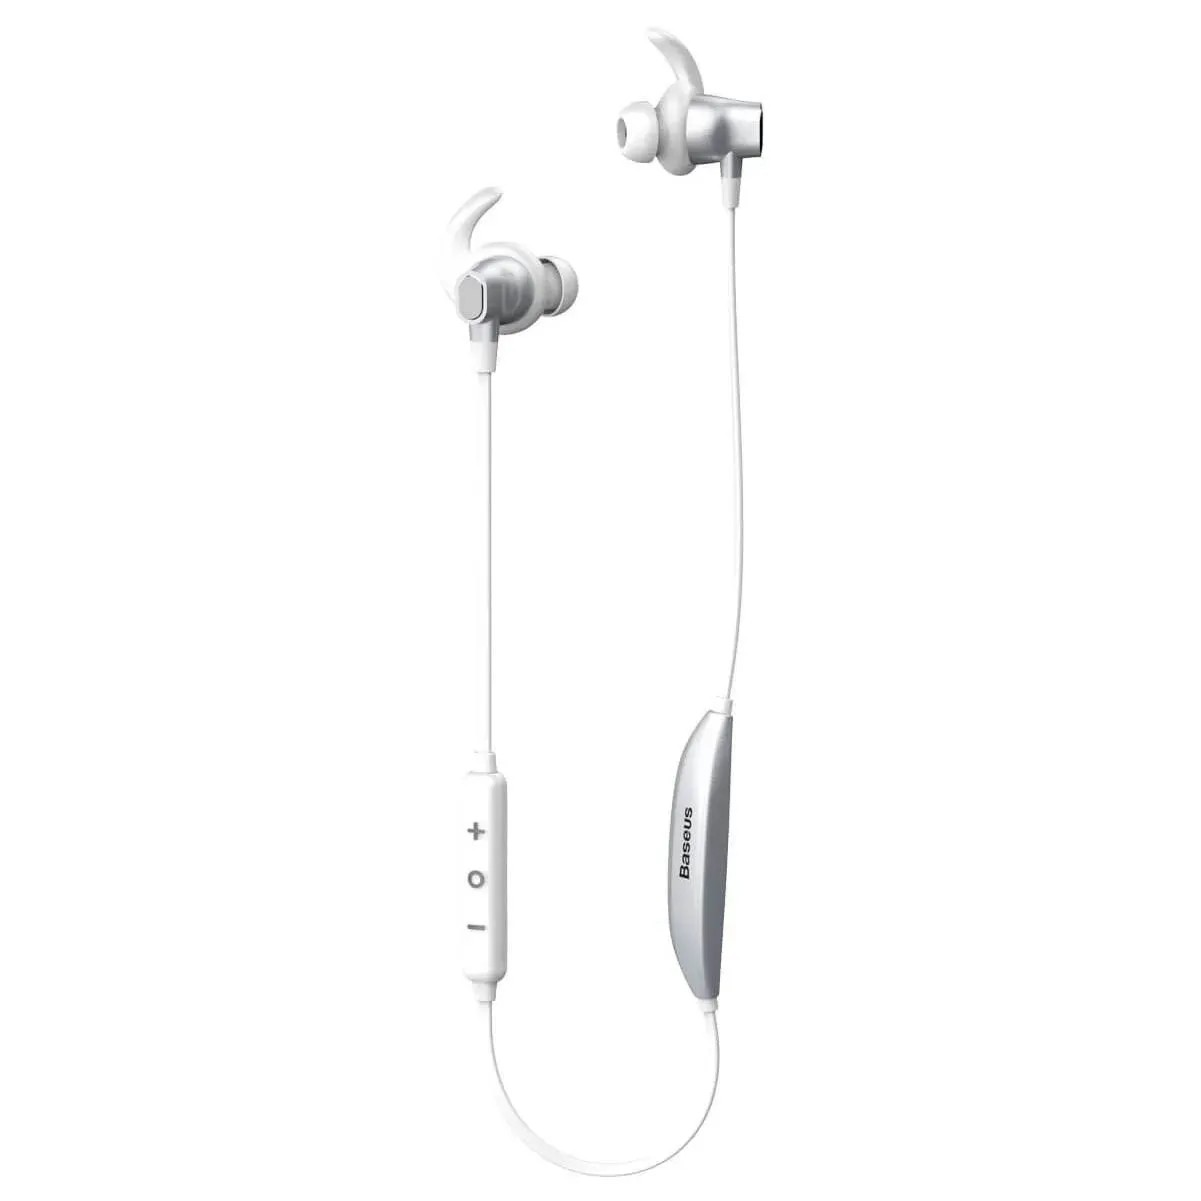 Fone de Ouvido Baseus Encok S03 Sem Fio Bluetooth Branco